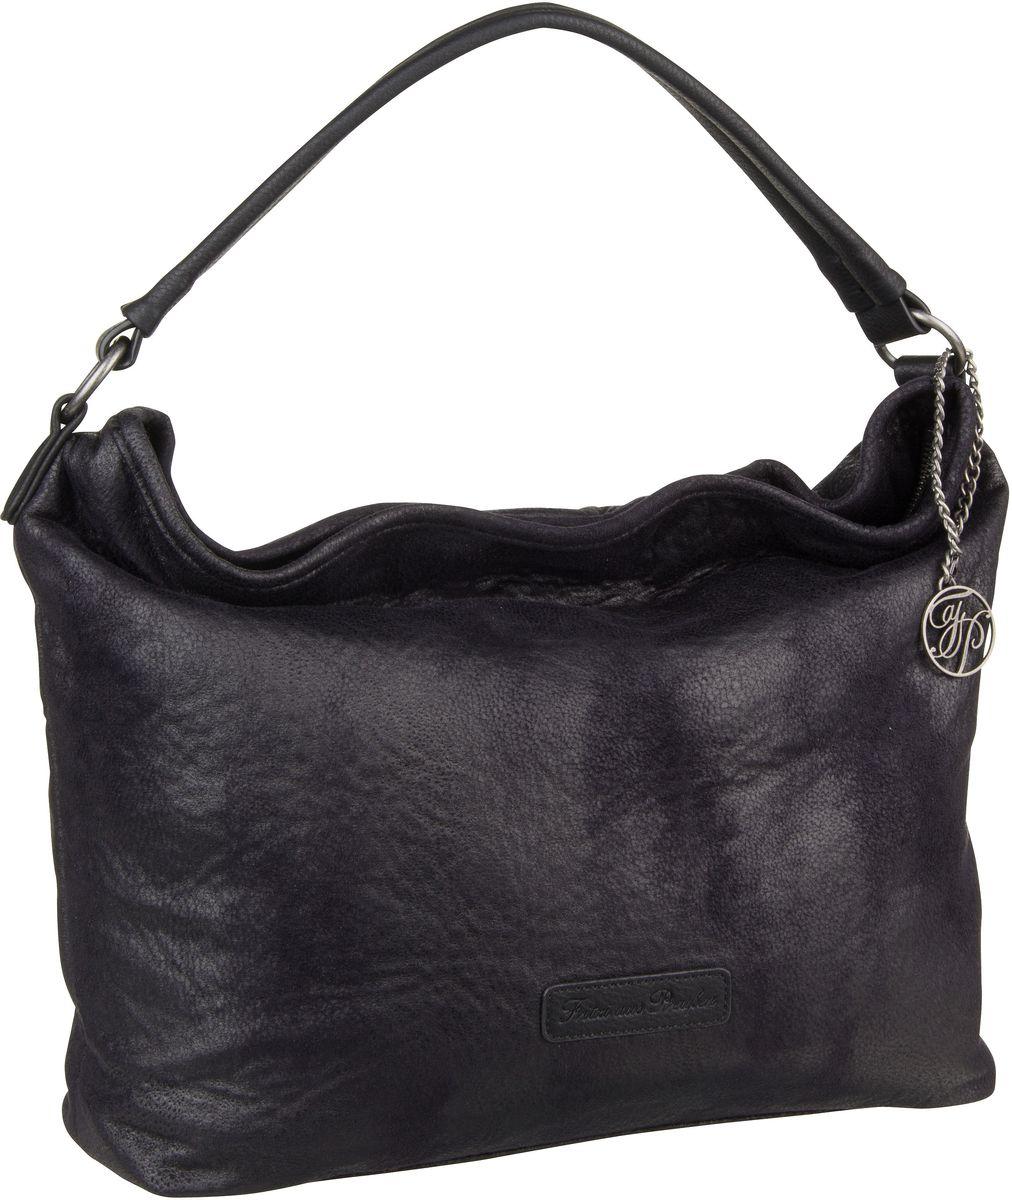 Handtasche Gatria Mars Black